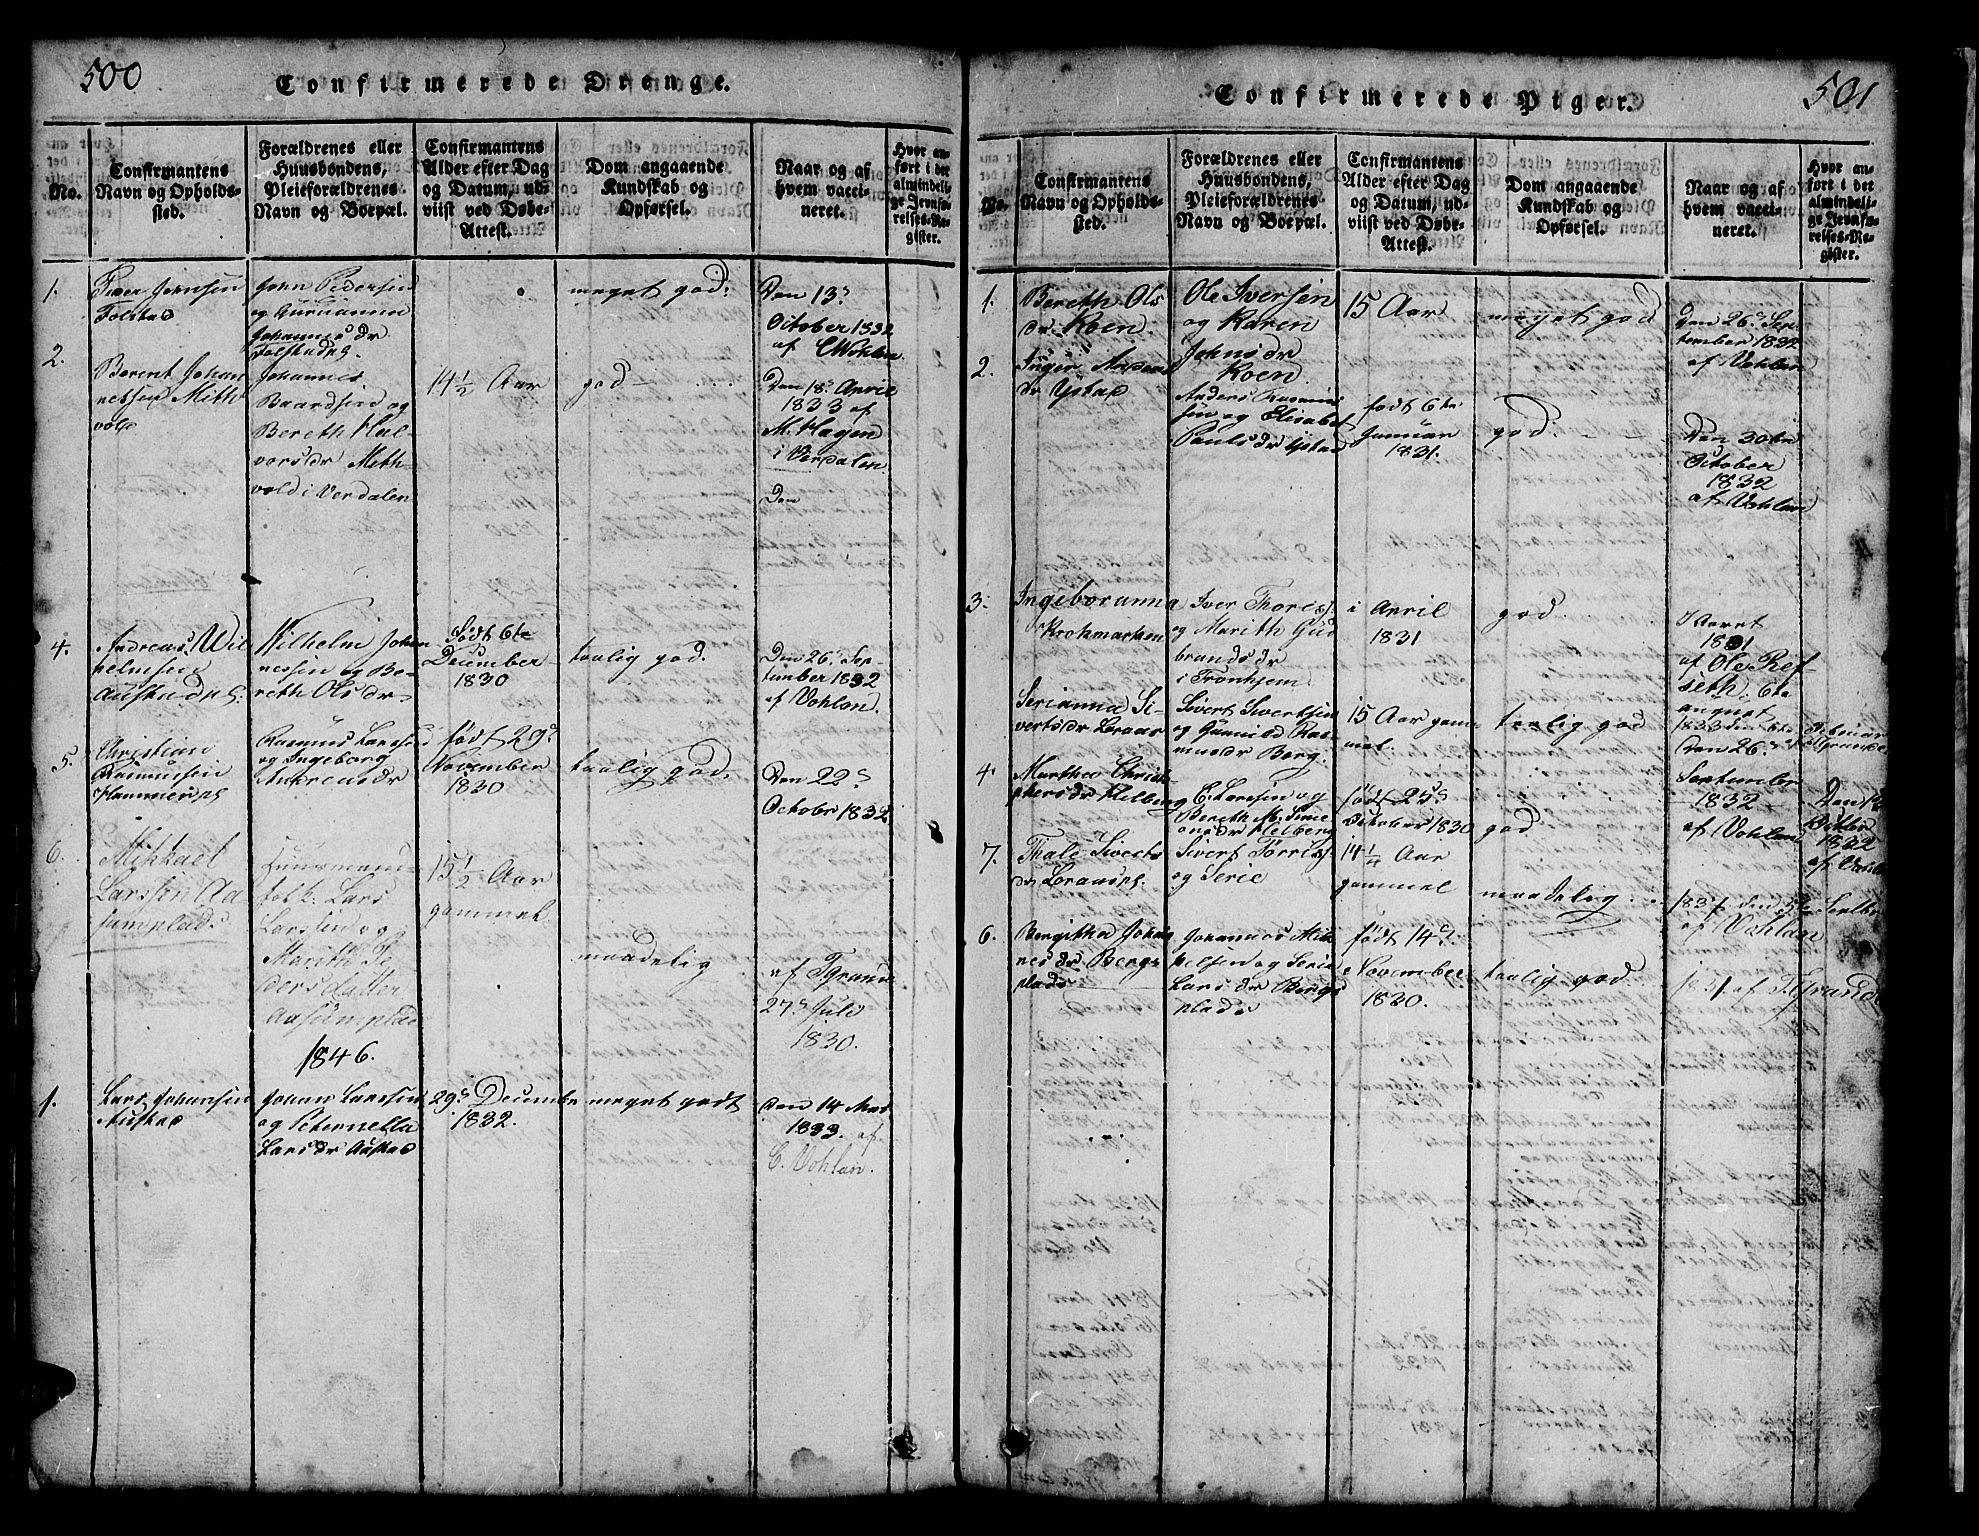 SAT, Ministerialprotokoller, klokkerbøker og fødselsregistre - Nord-Trøndelag, 731/L0310: Klokkerbok nr. 731C01, 1816-1874, s. 500-501